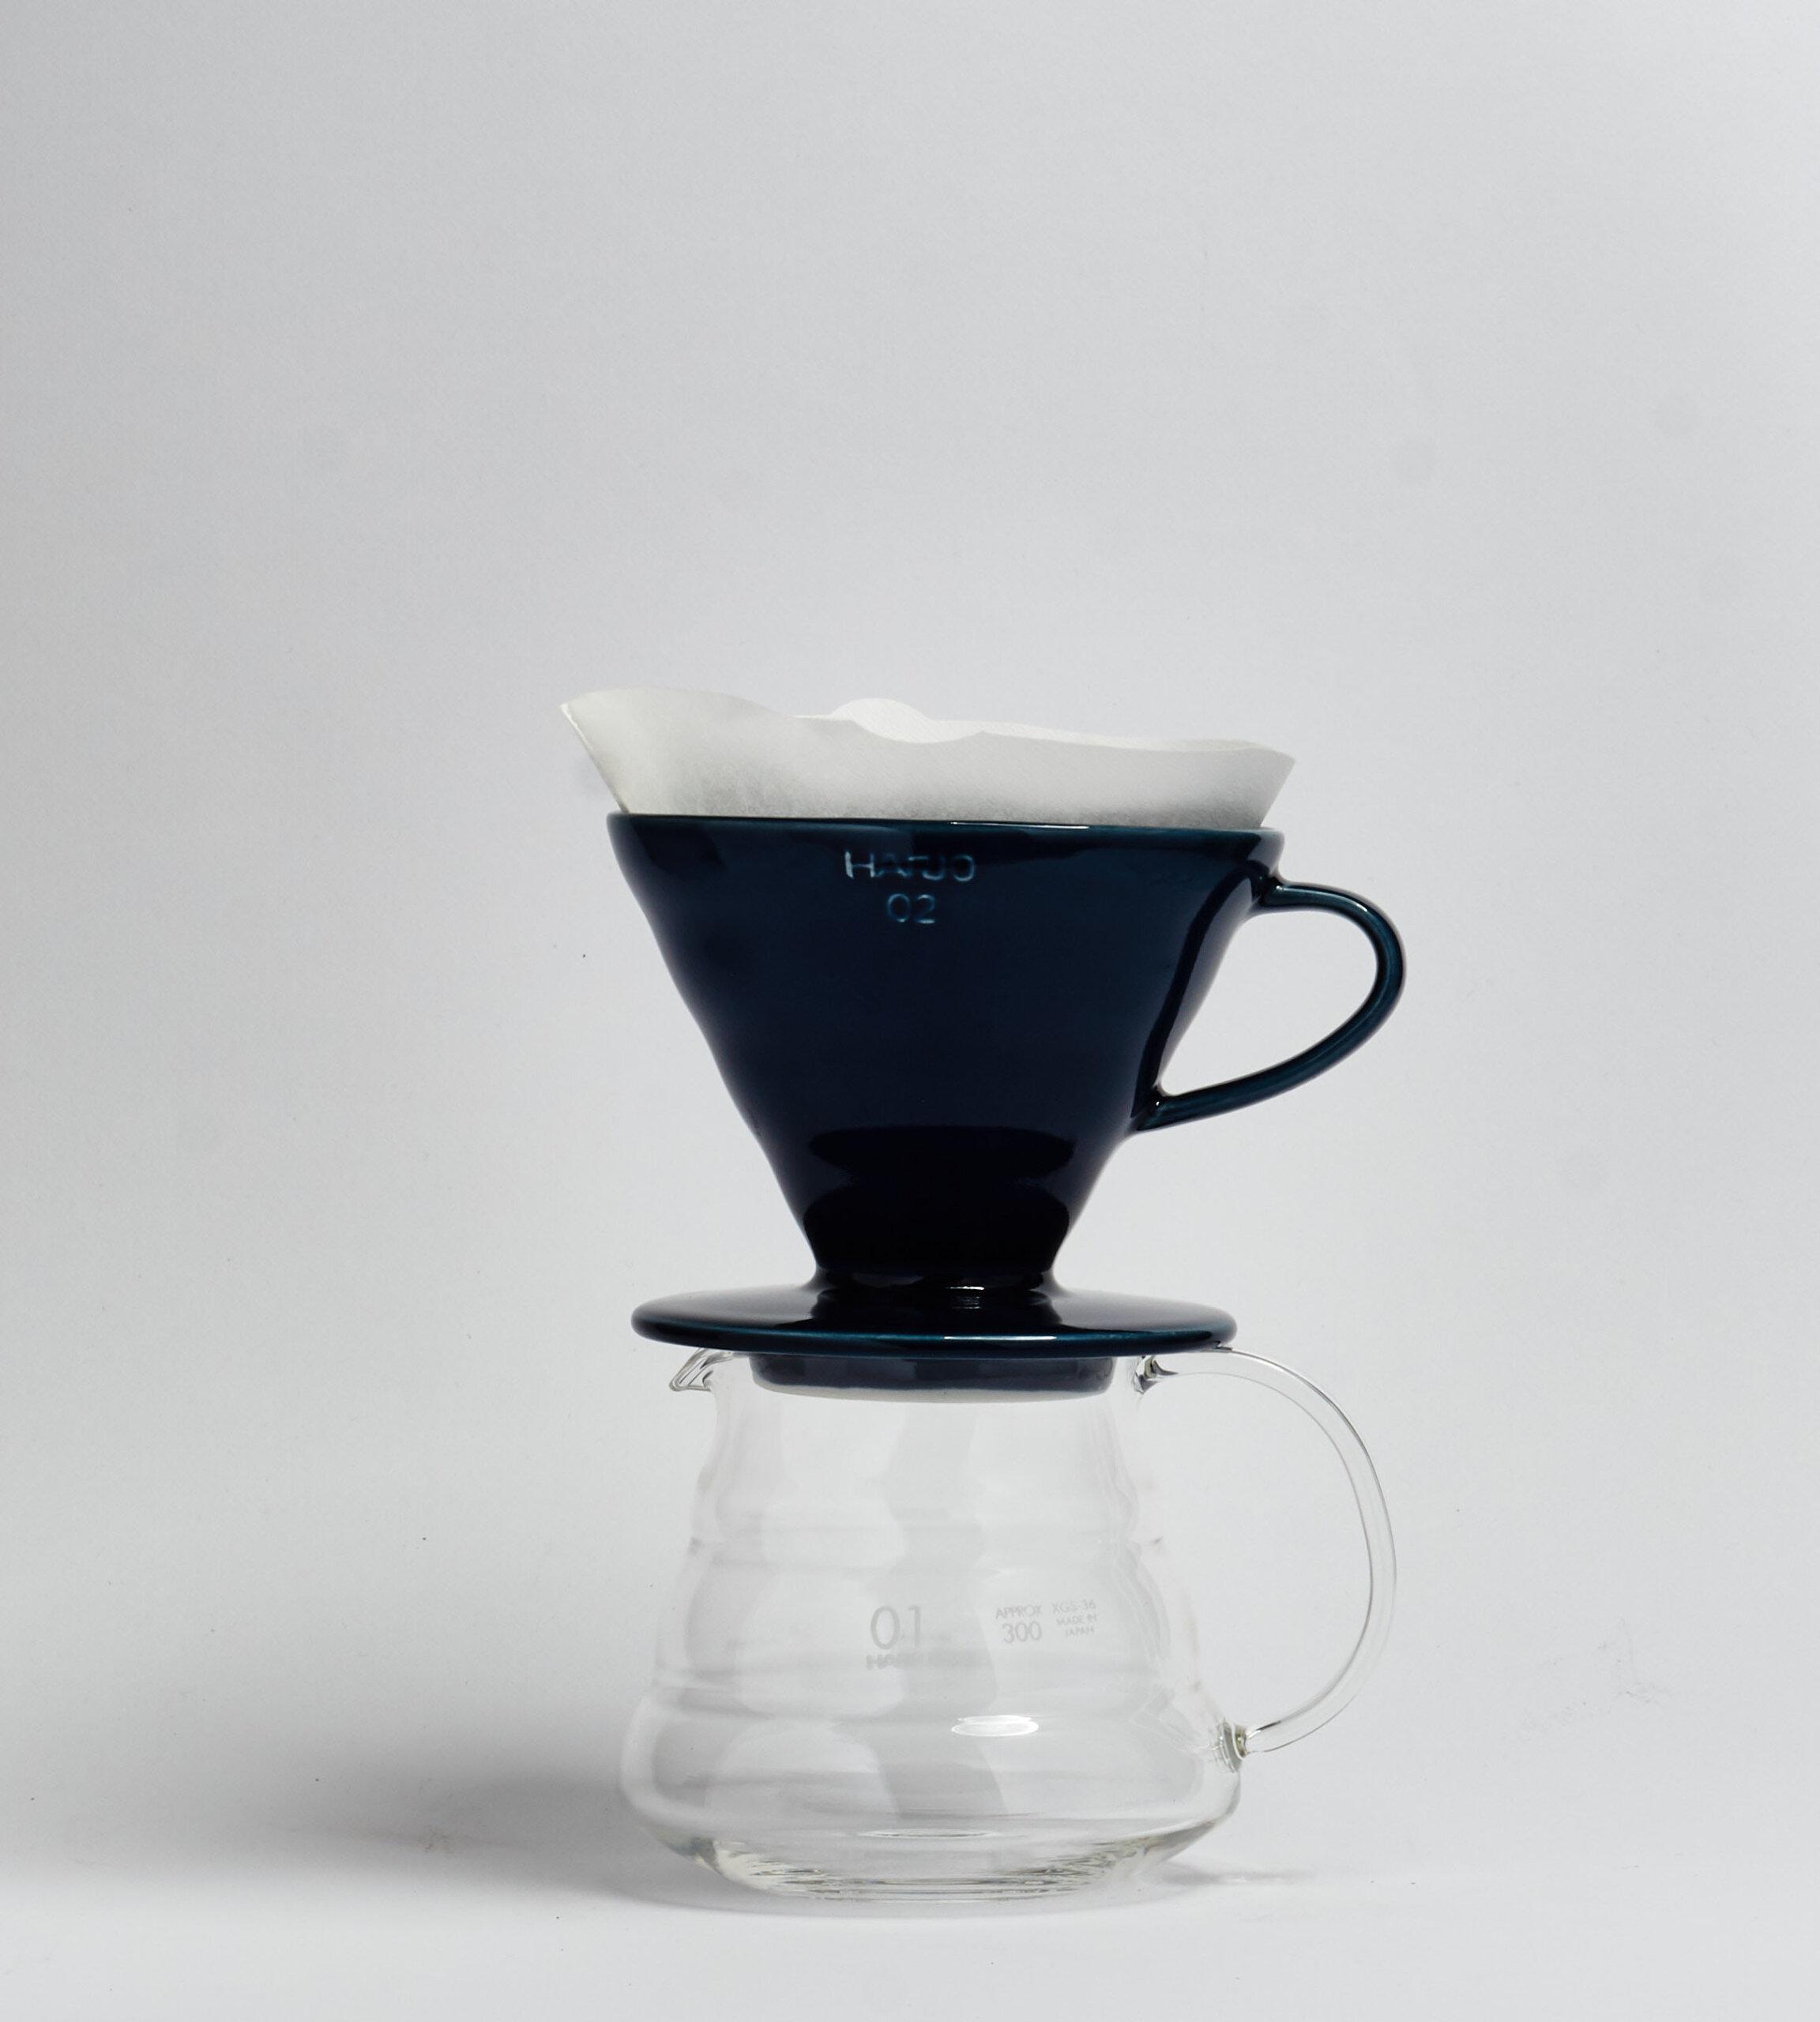 V60-02, Ceramic Dripper, indigo blue-prev-3